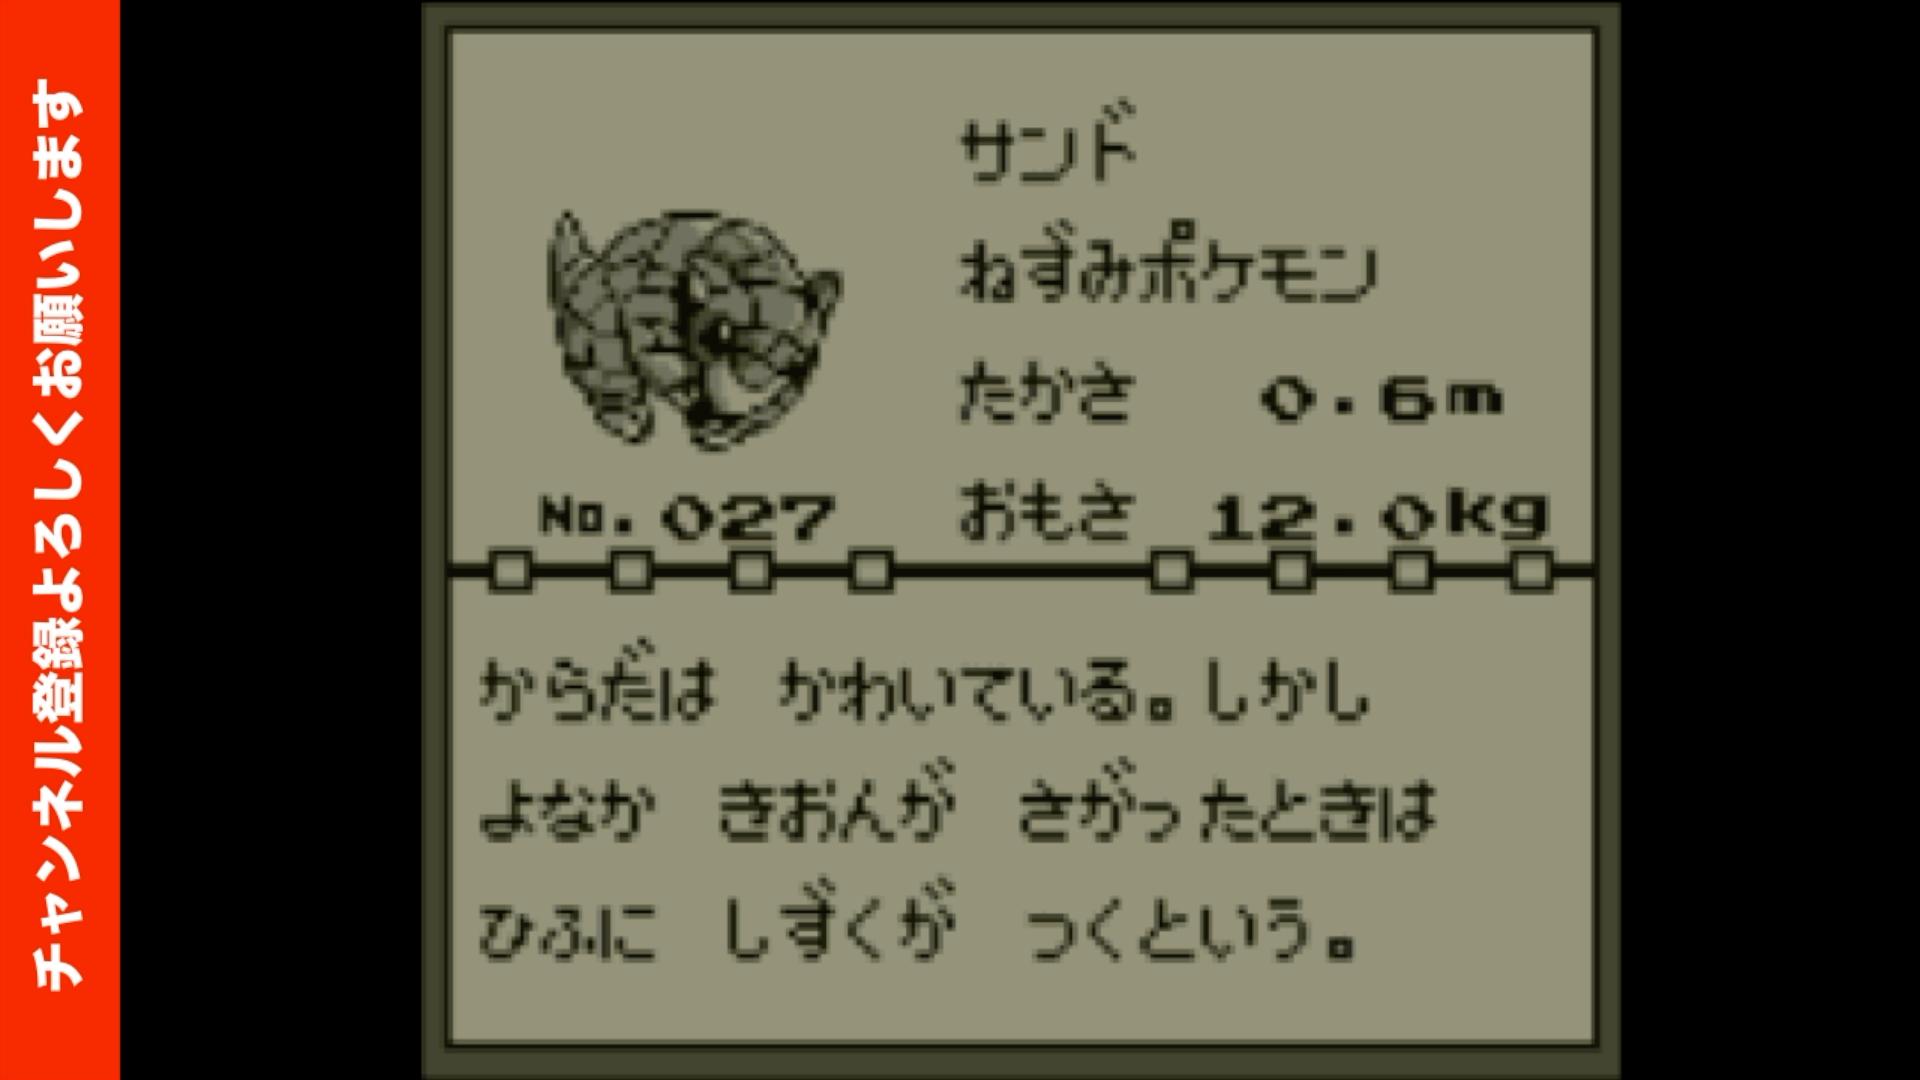 【ポケットモンスター ピカチュウ】ポケモン育成中 #5 – すずきたかまさのゲーム実況